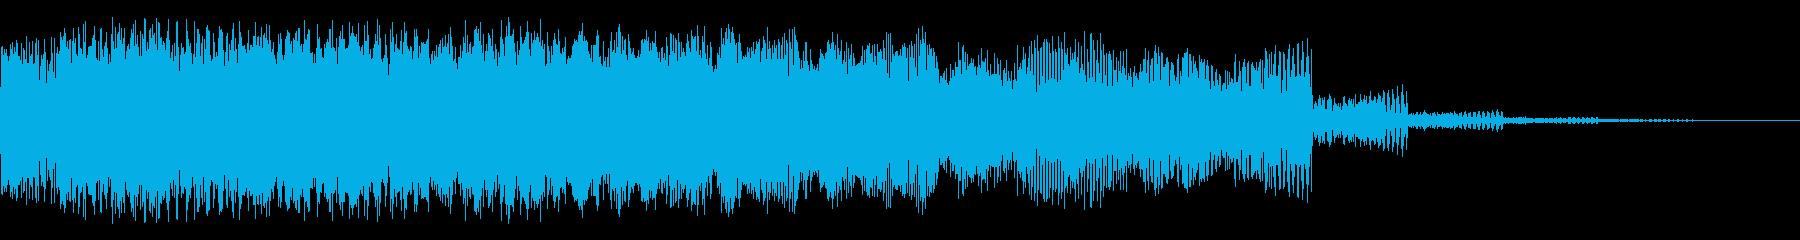 ピアススイープアクセントの再生済みの波形